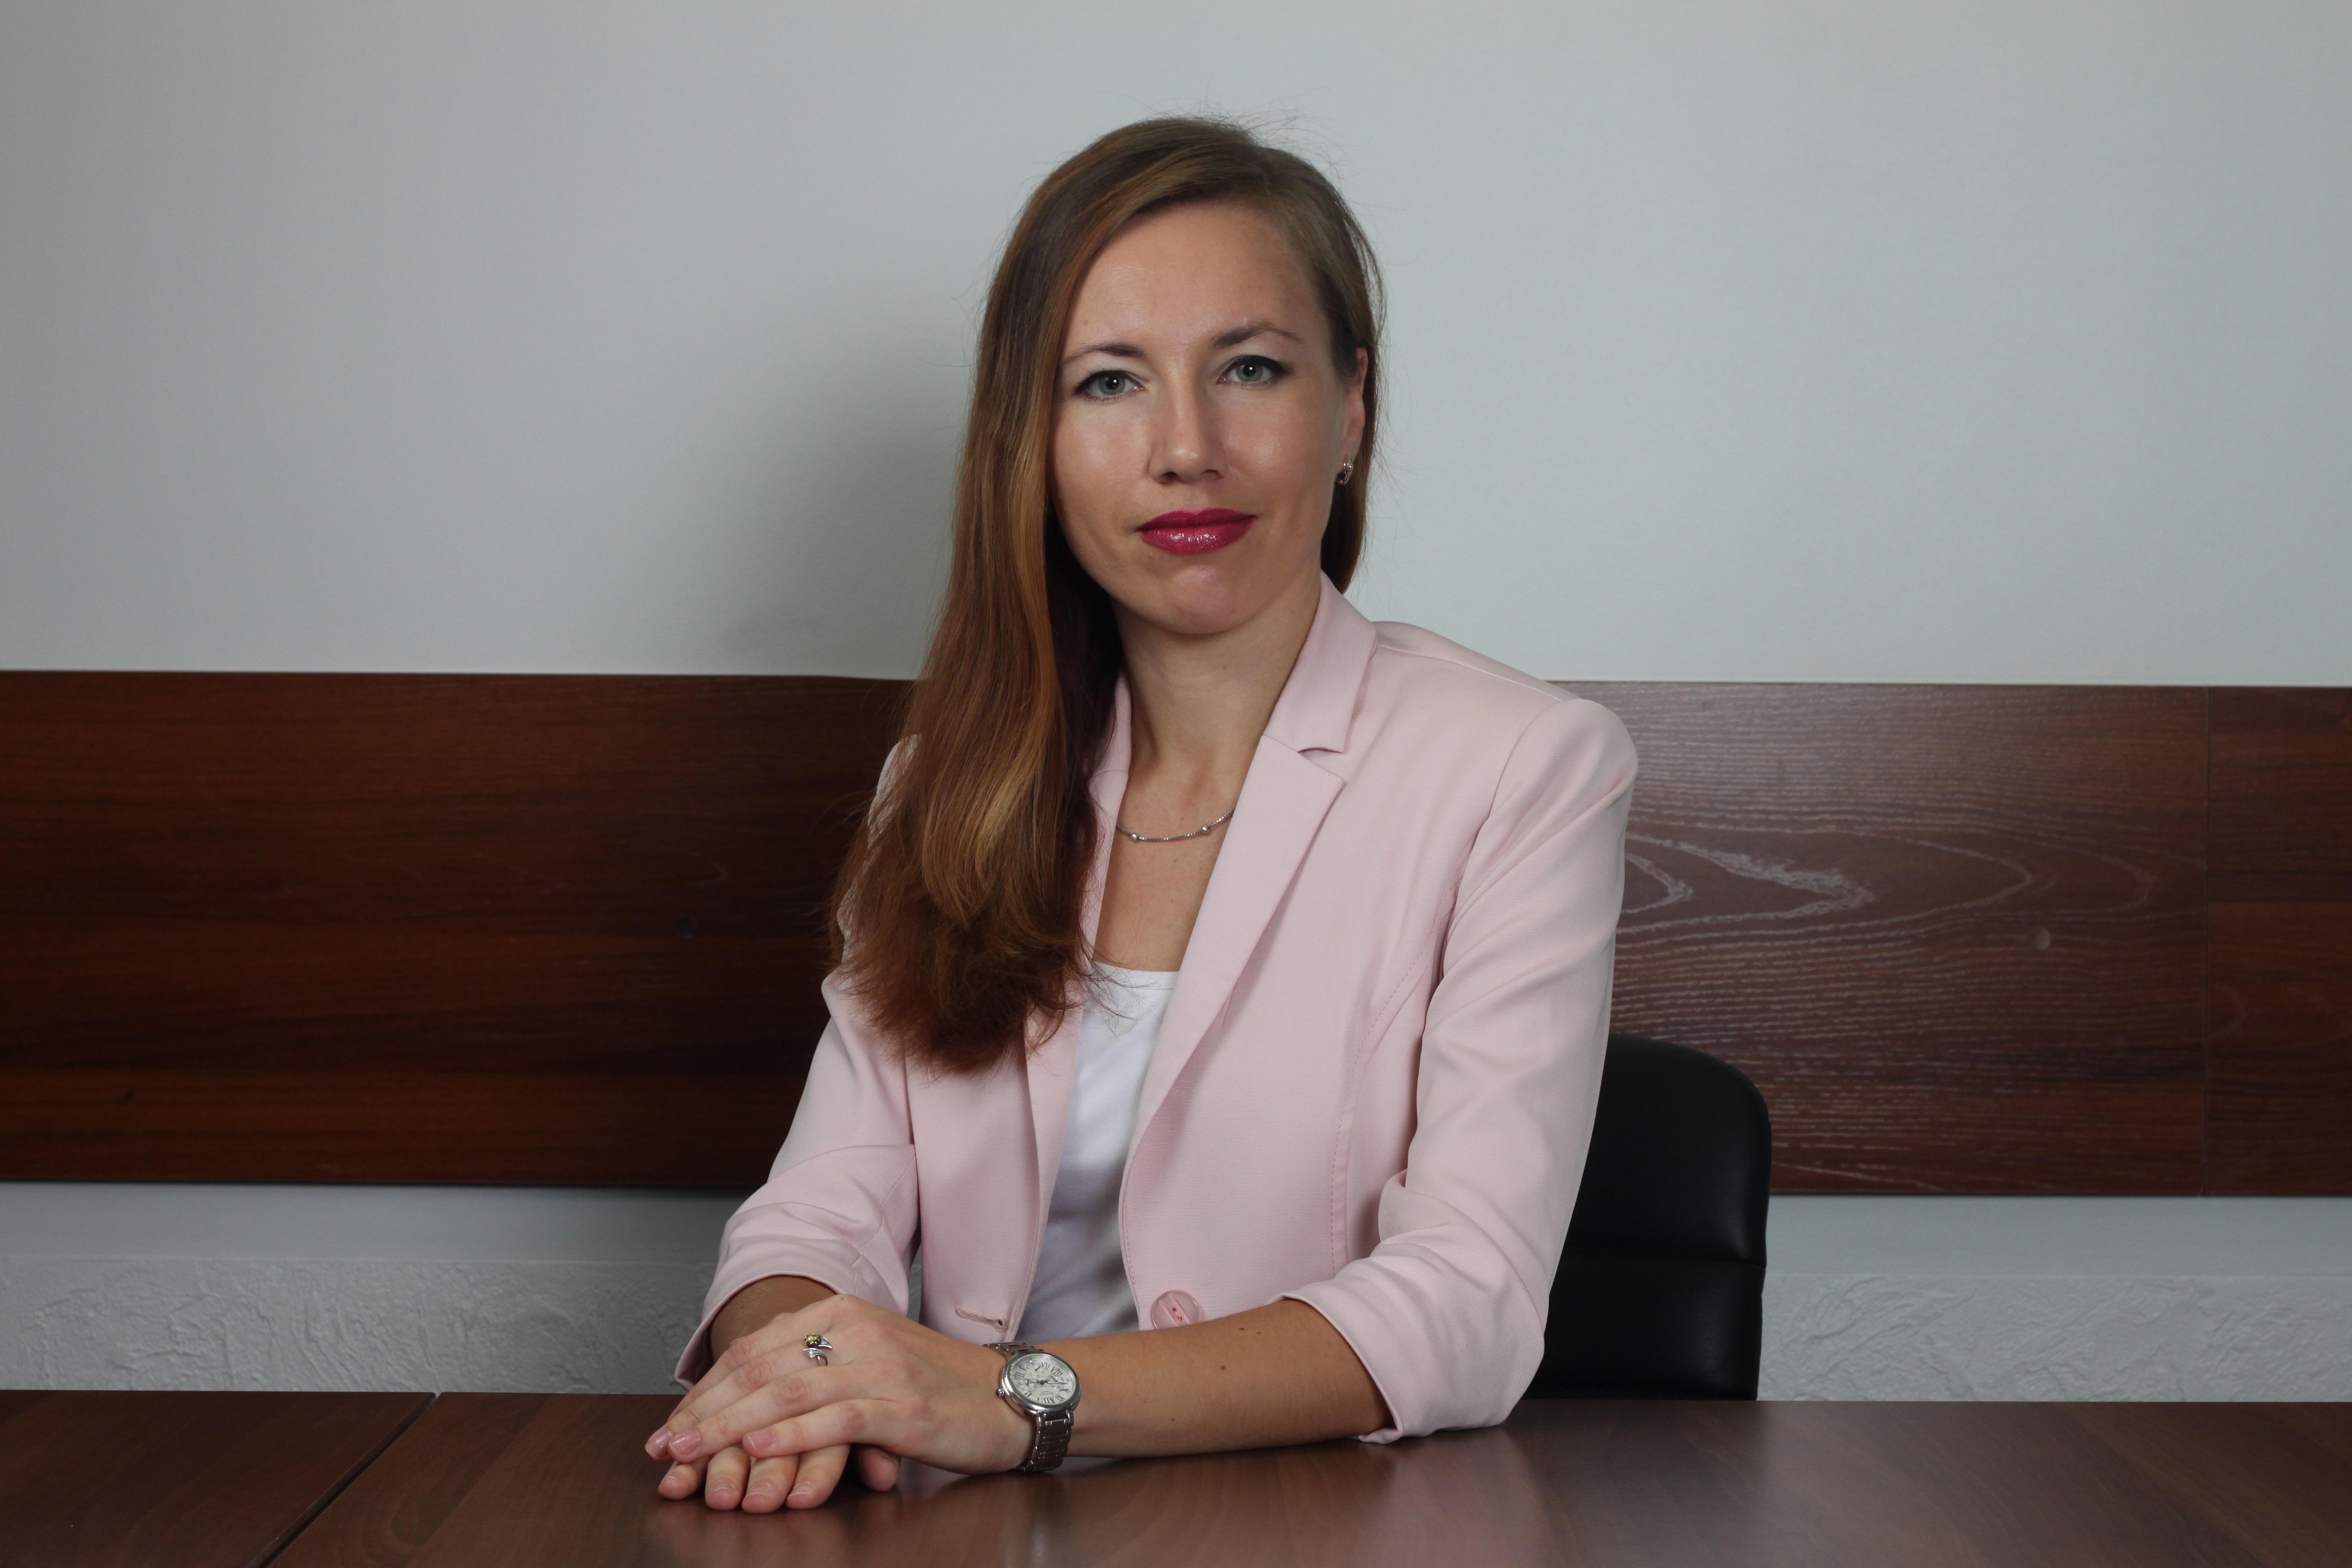 Ирина Бирюкова, менеджер отдела продаж ООО «Лизинговая компания «Дельта»